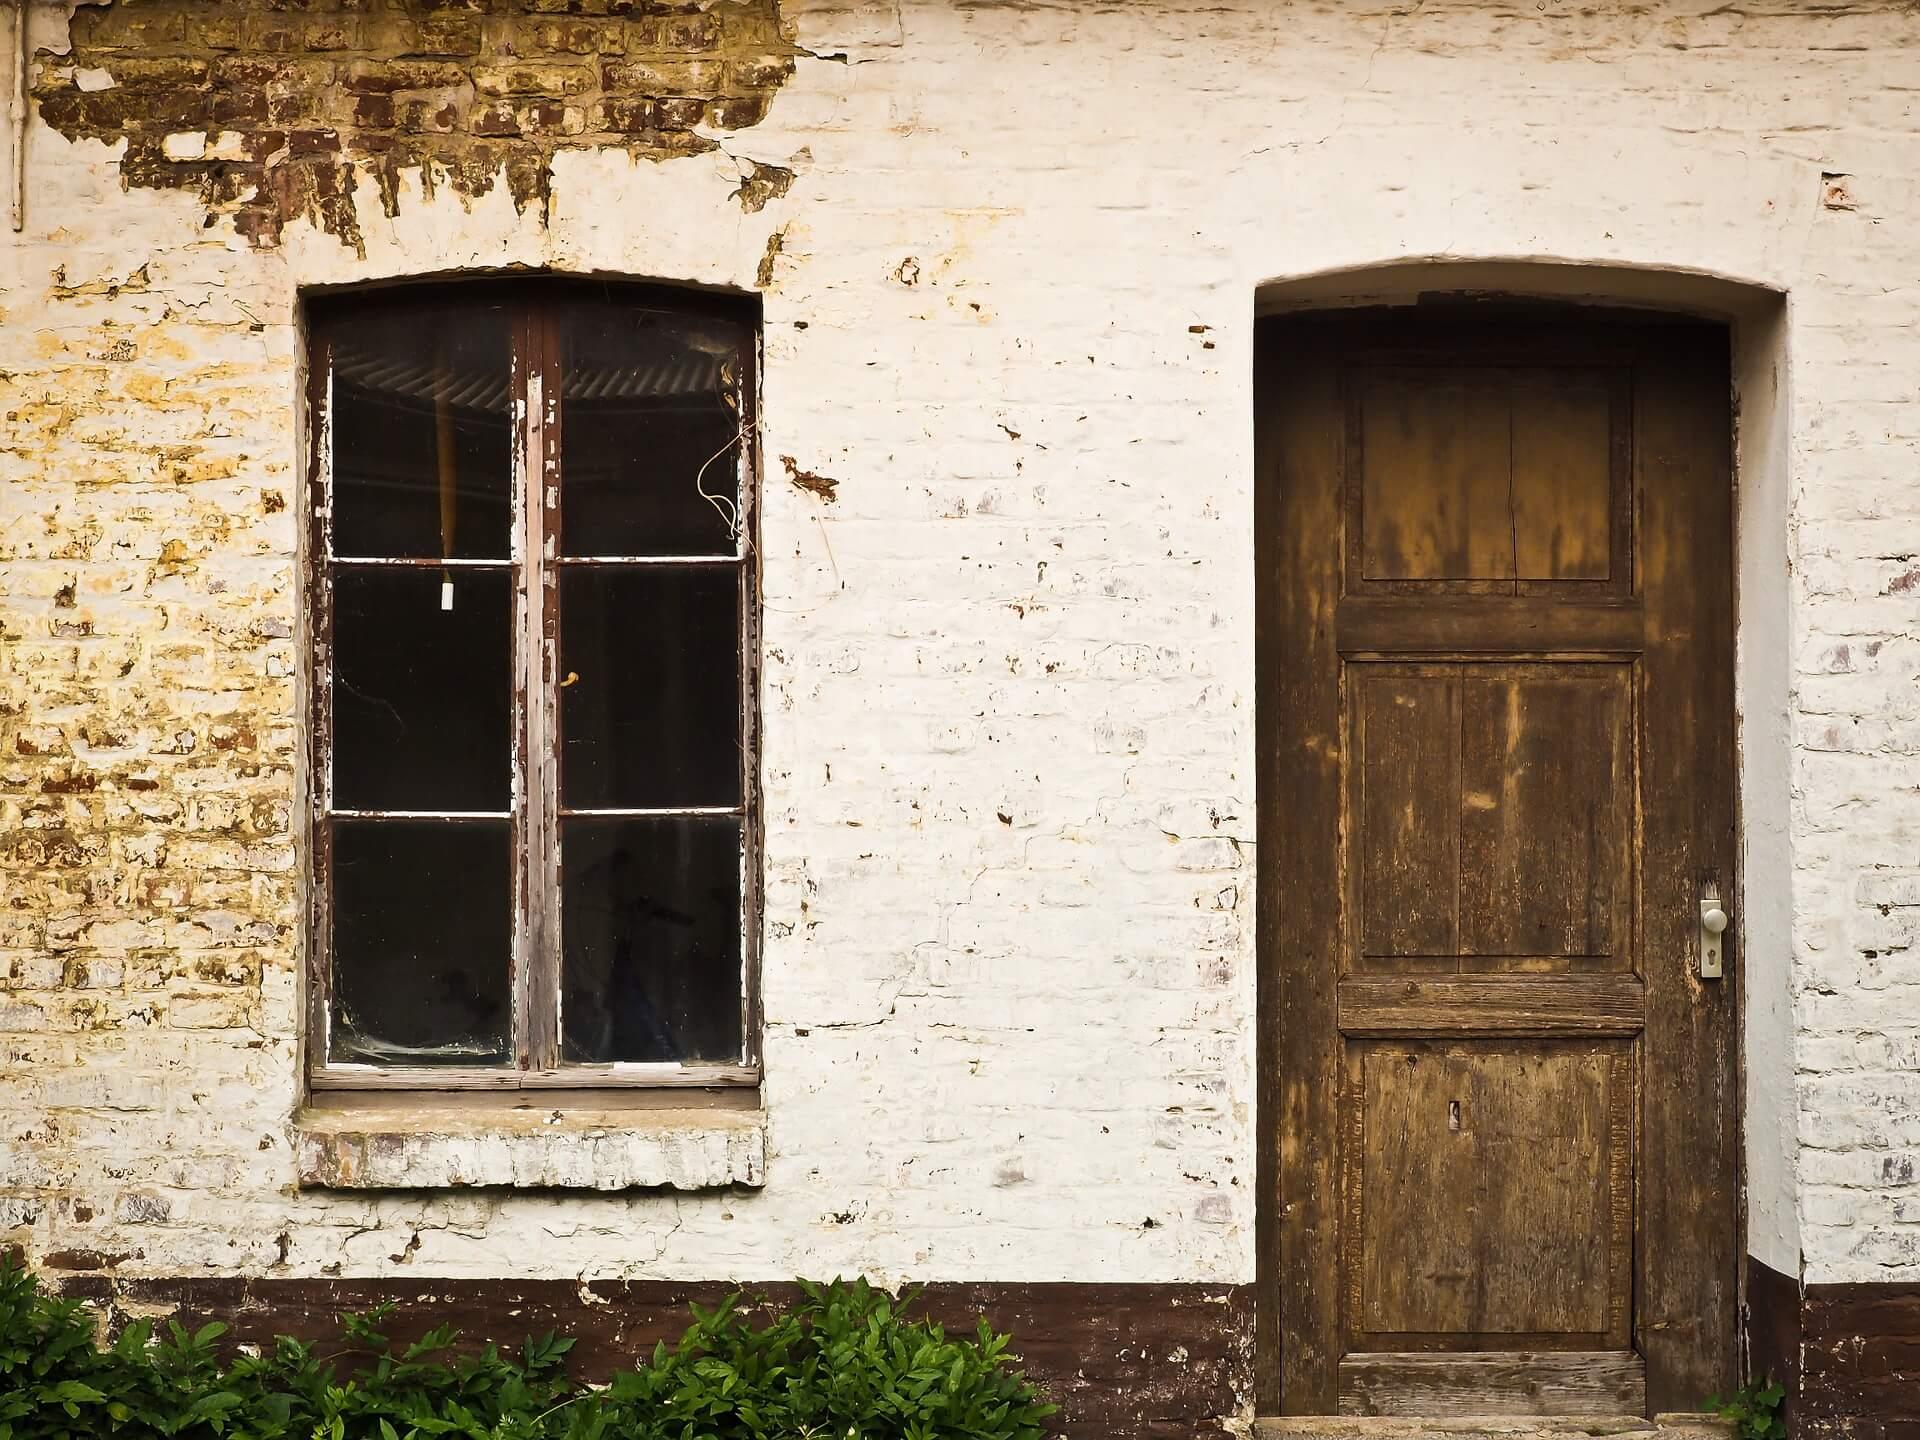 Asbestikartoittajaa kaipaava talo